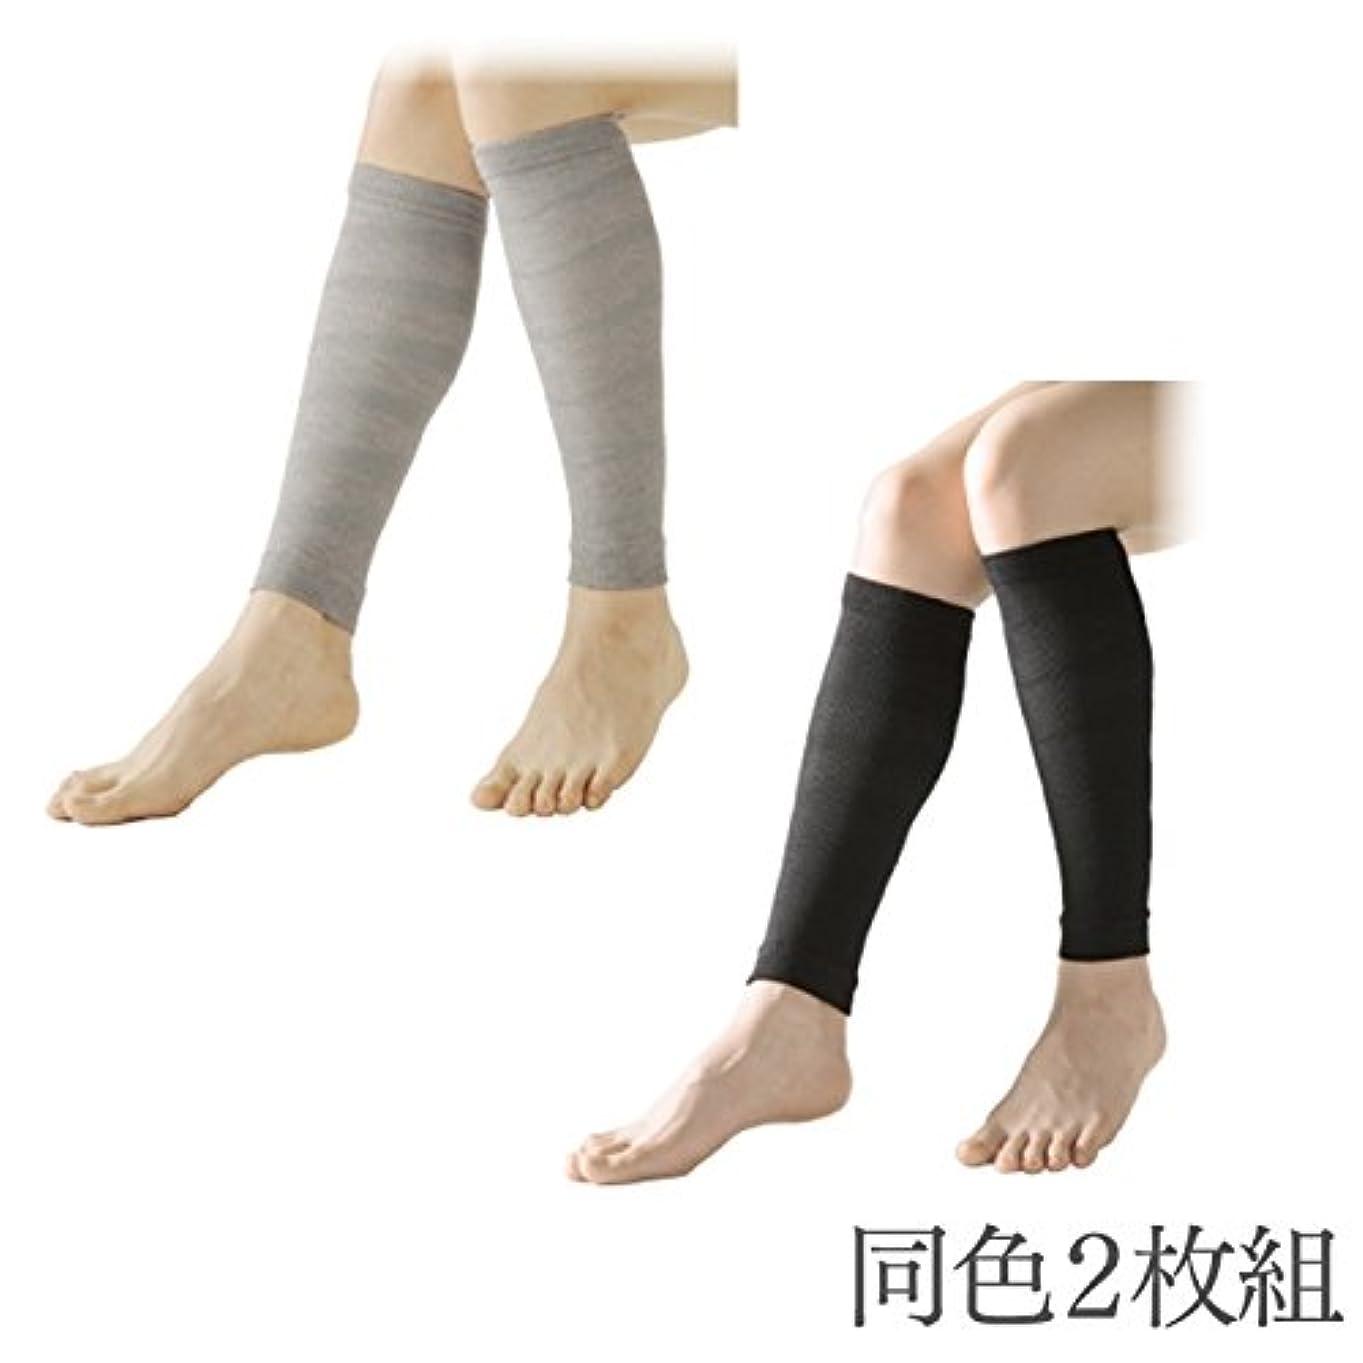 現実編集するはぁ着圧ソックス 足のむくみ 靴下 むくみ解消 着圧ふくらはぎサポーター 2枚組